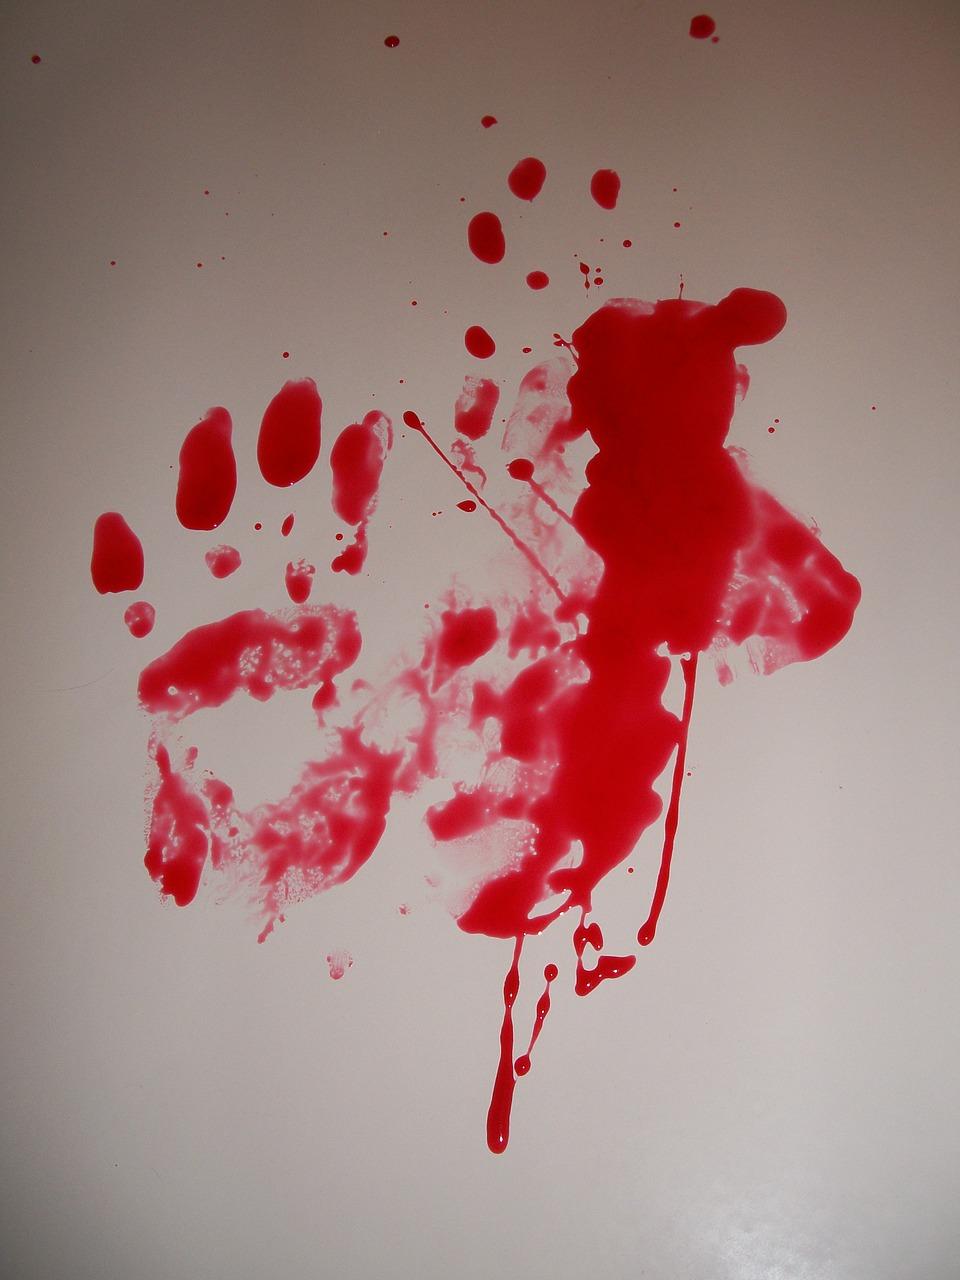 sangre, crimen, horror